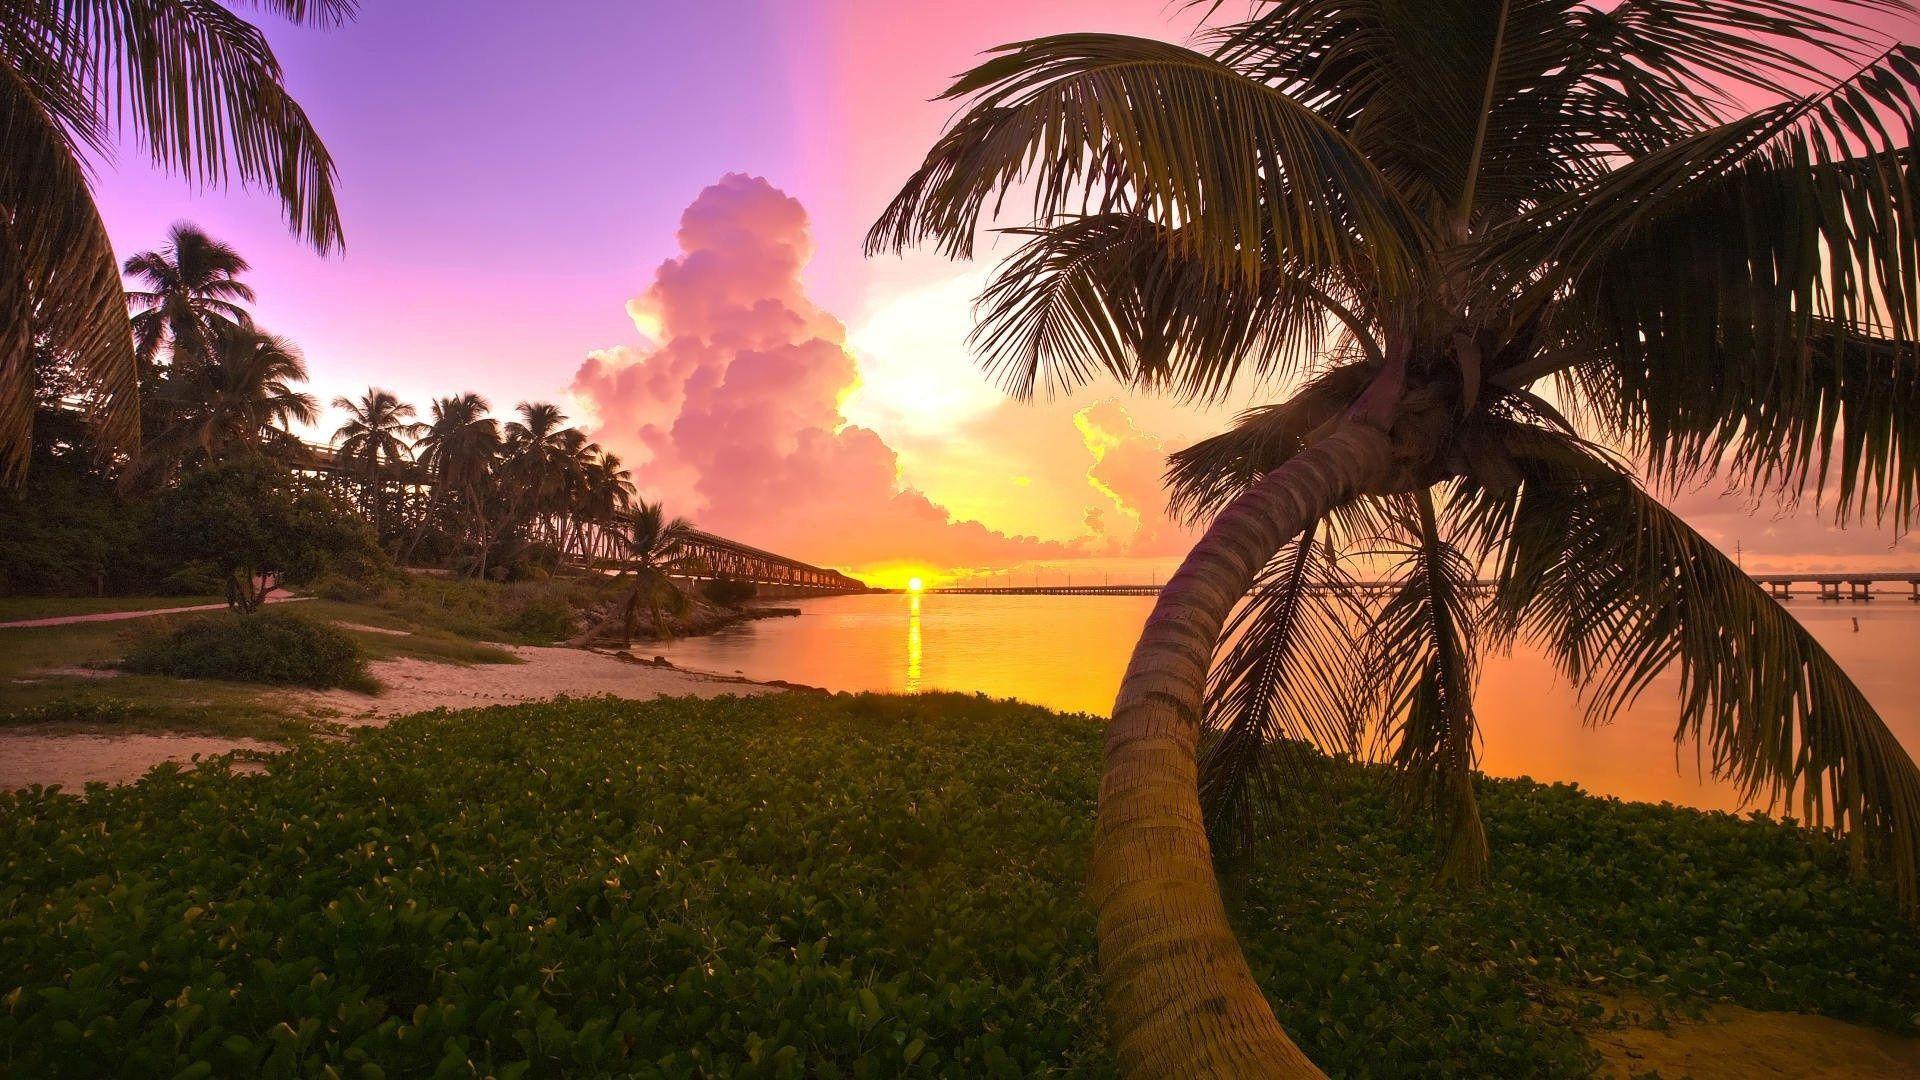 53558 免費下載壁紙 性质, 棕榈, 帕尔马, 支撑, 海岸, 日落, 桥, 晚上 屏保和圖片